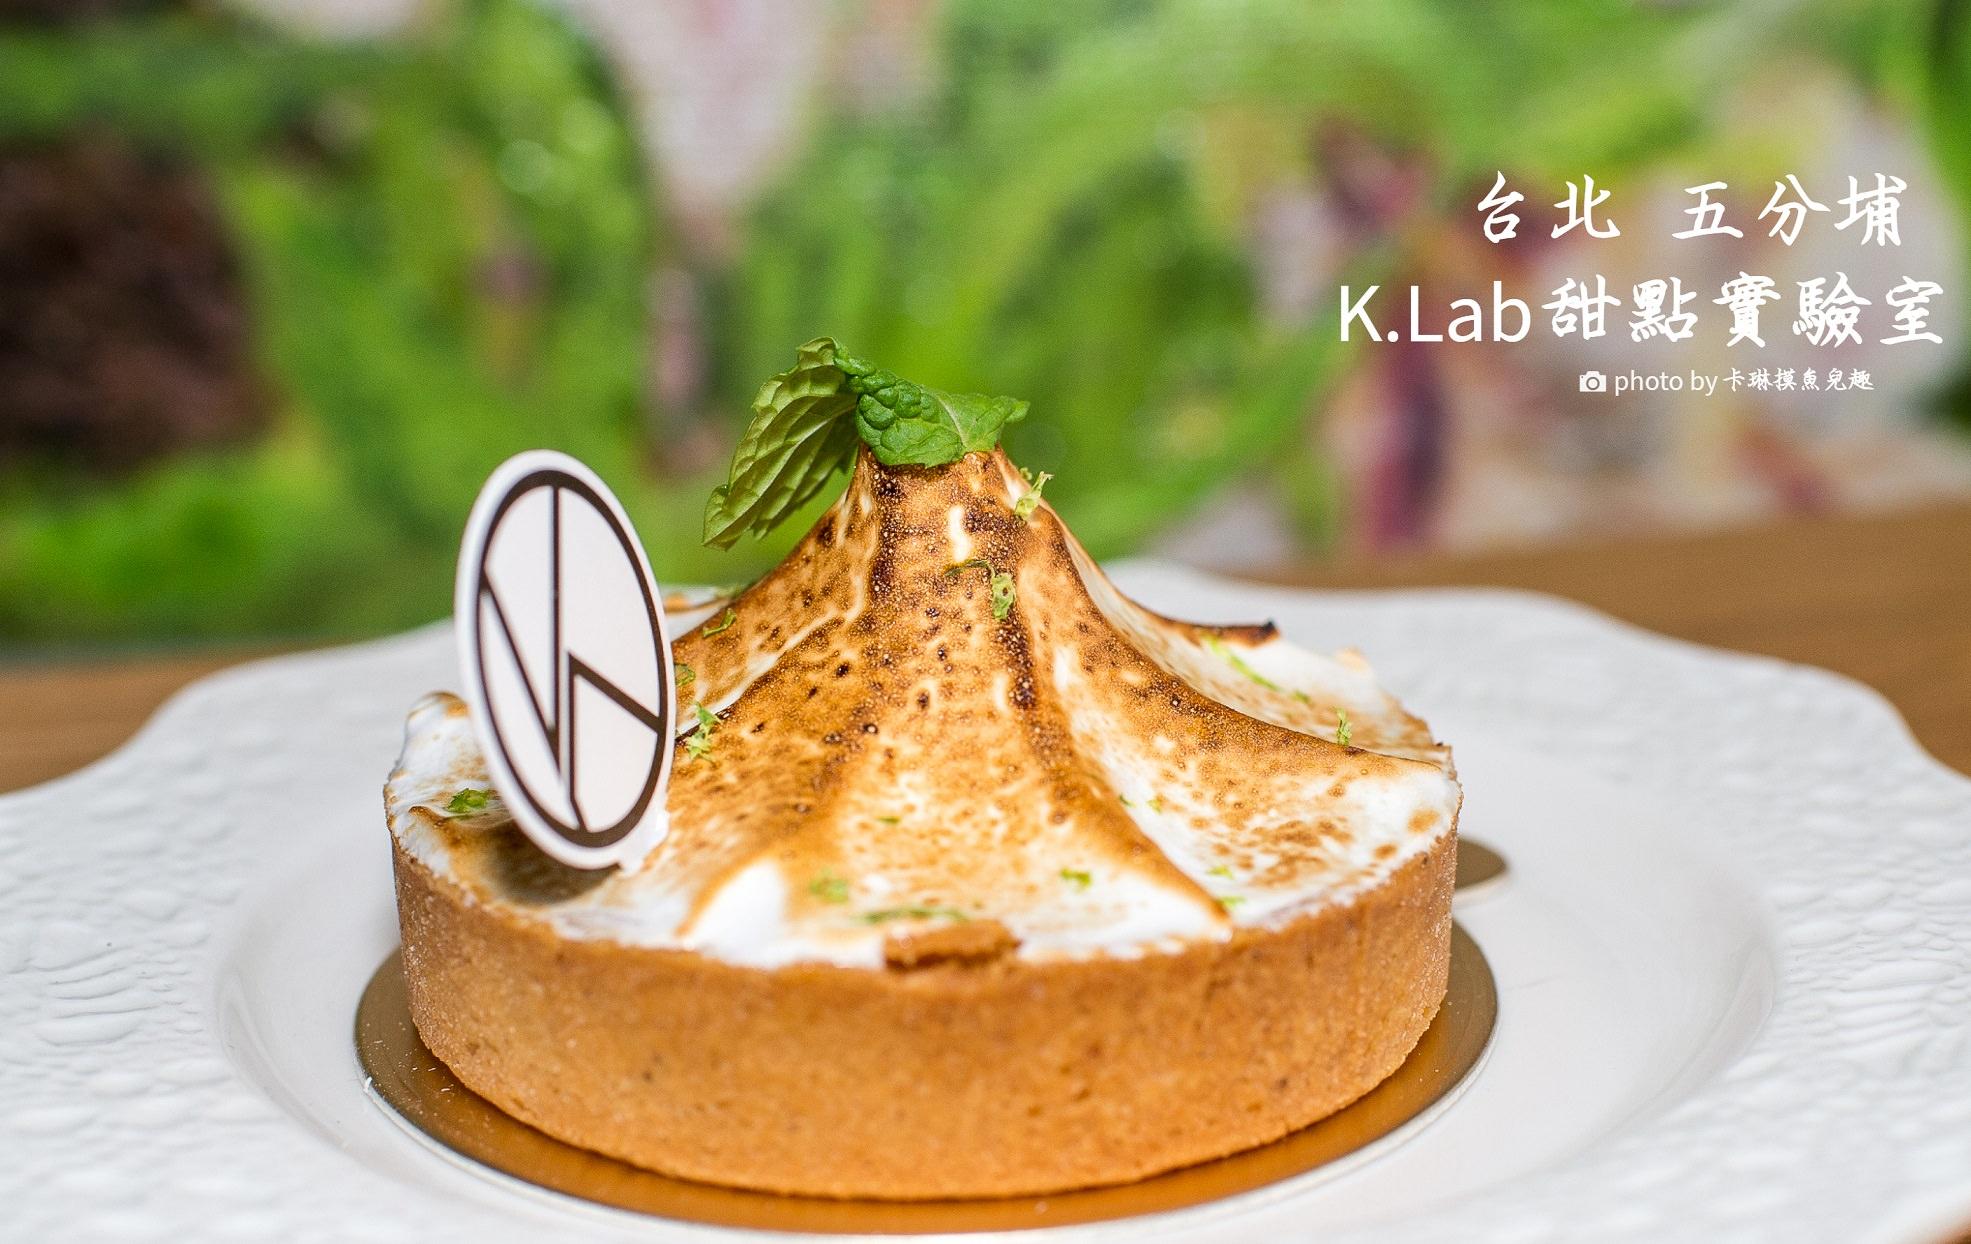 台北美食 |  信義區 五分埔 K.Lab甜點實驗室 – 藏在陋巷裡的檸檬塔